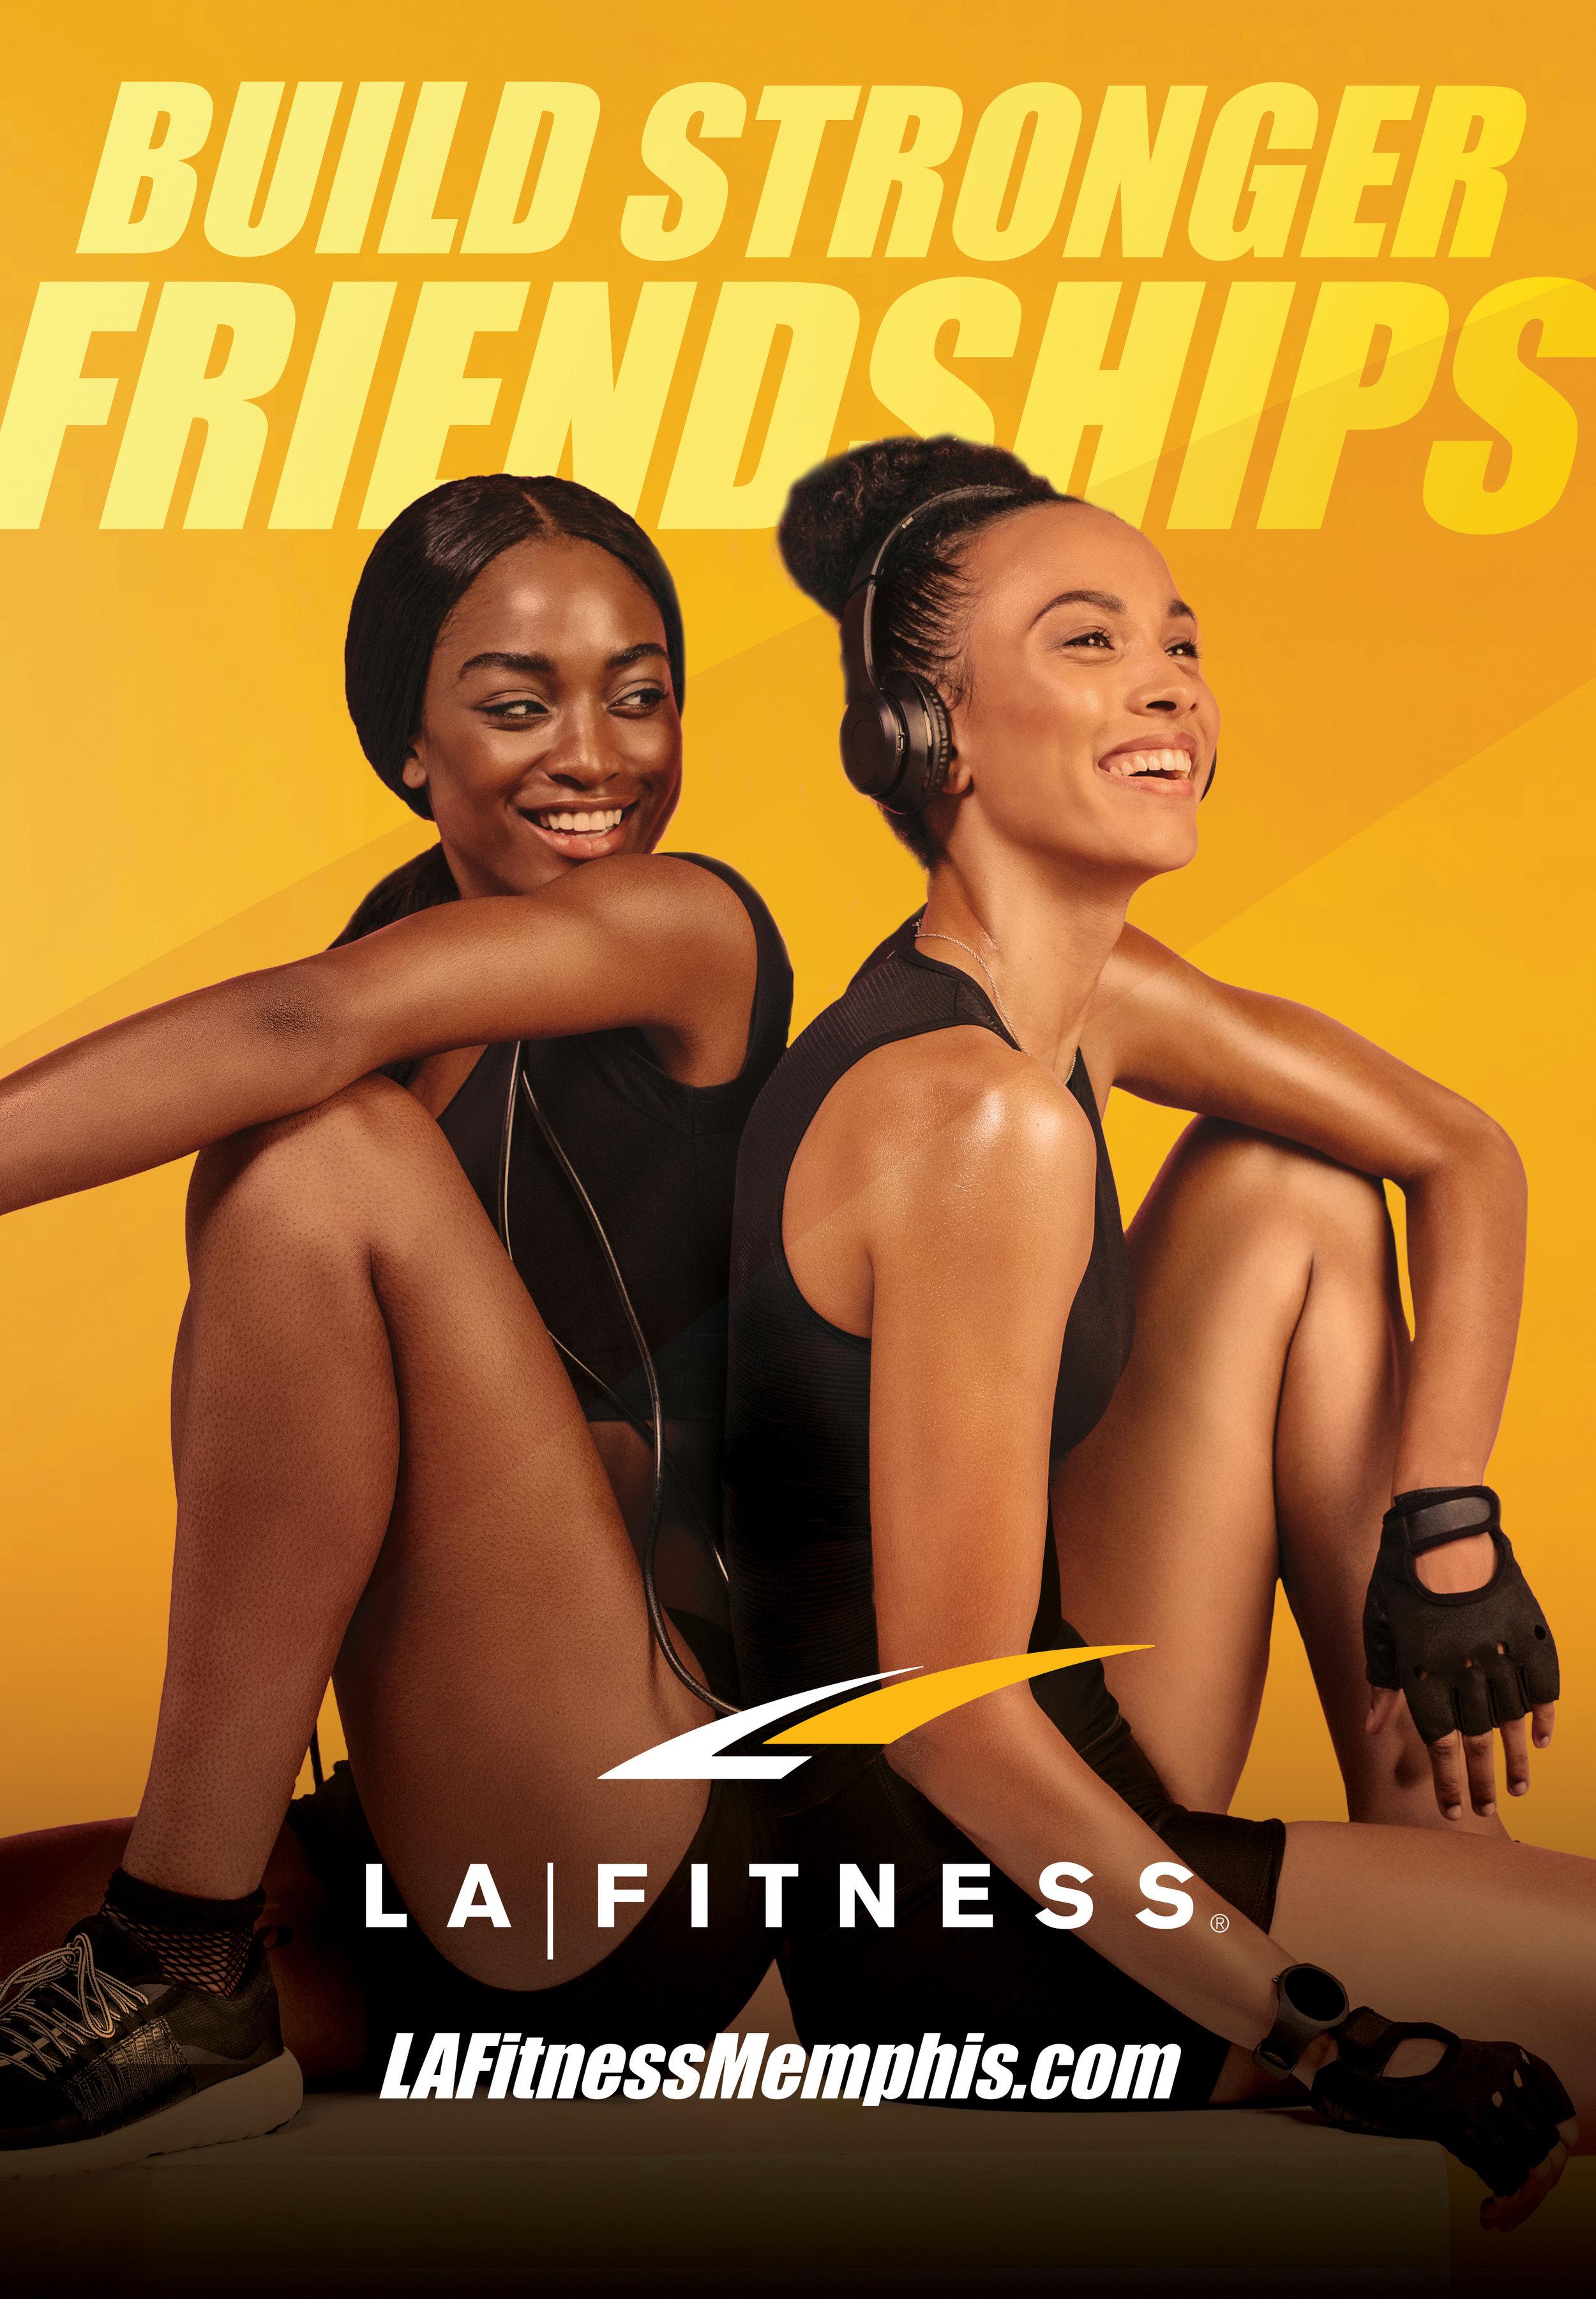 StrongerFriendships.jpg